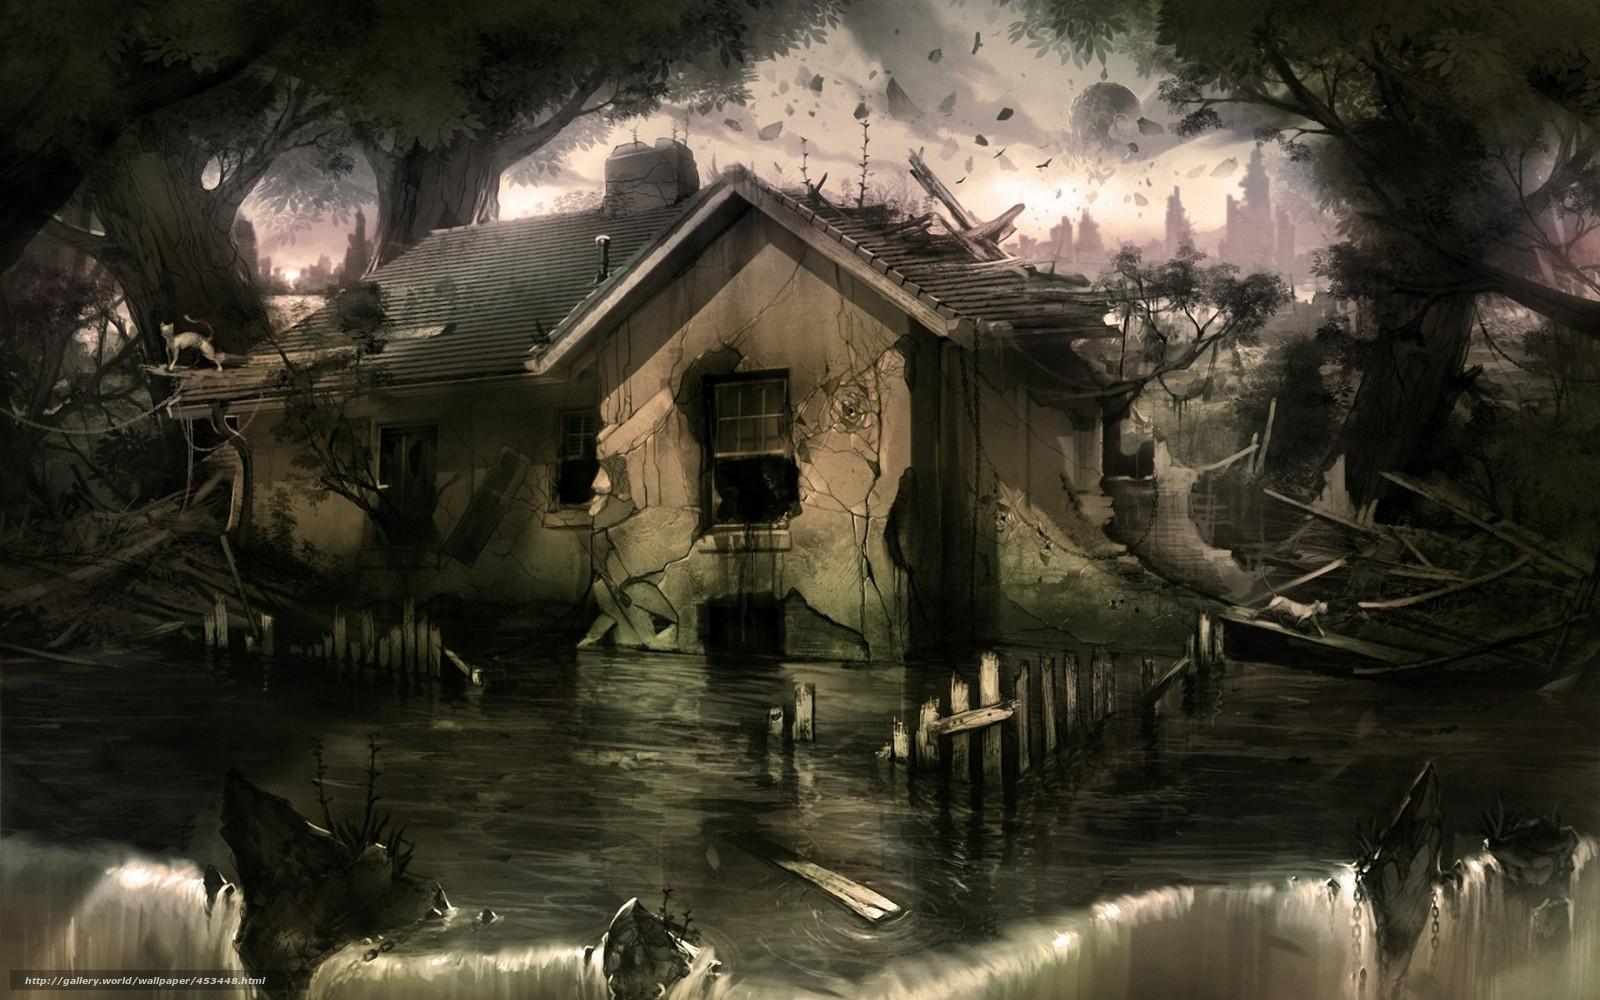 Скачать обои арт,  дом,  вода,  руины бесплатно для рабочего стола в разрешении 1680x1050 — картинка №453448